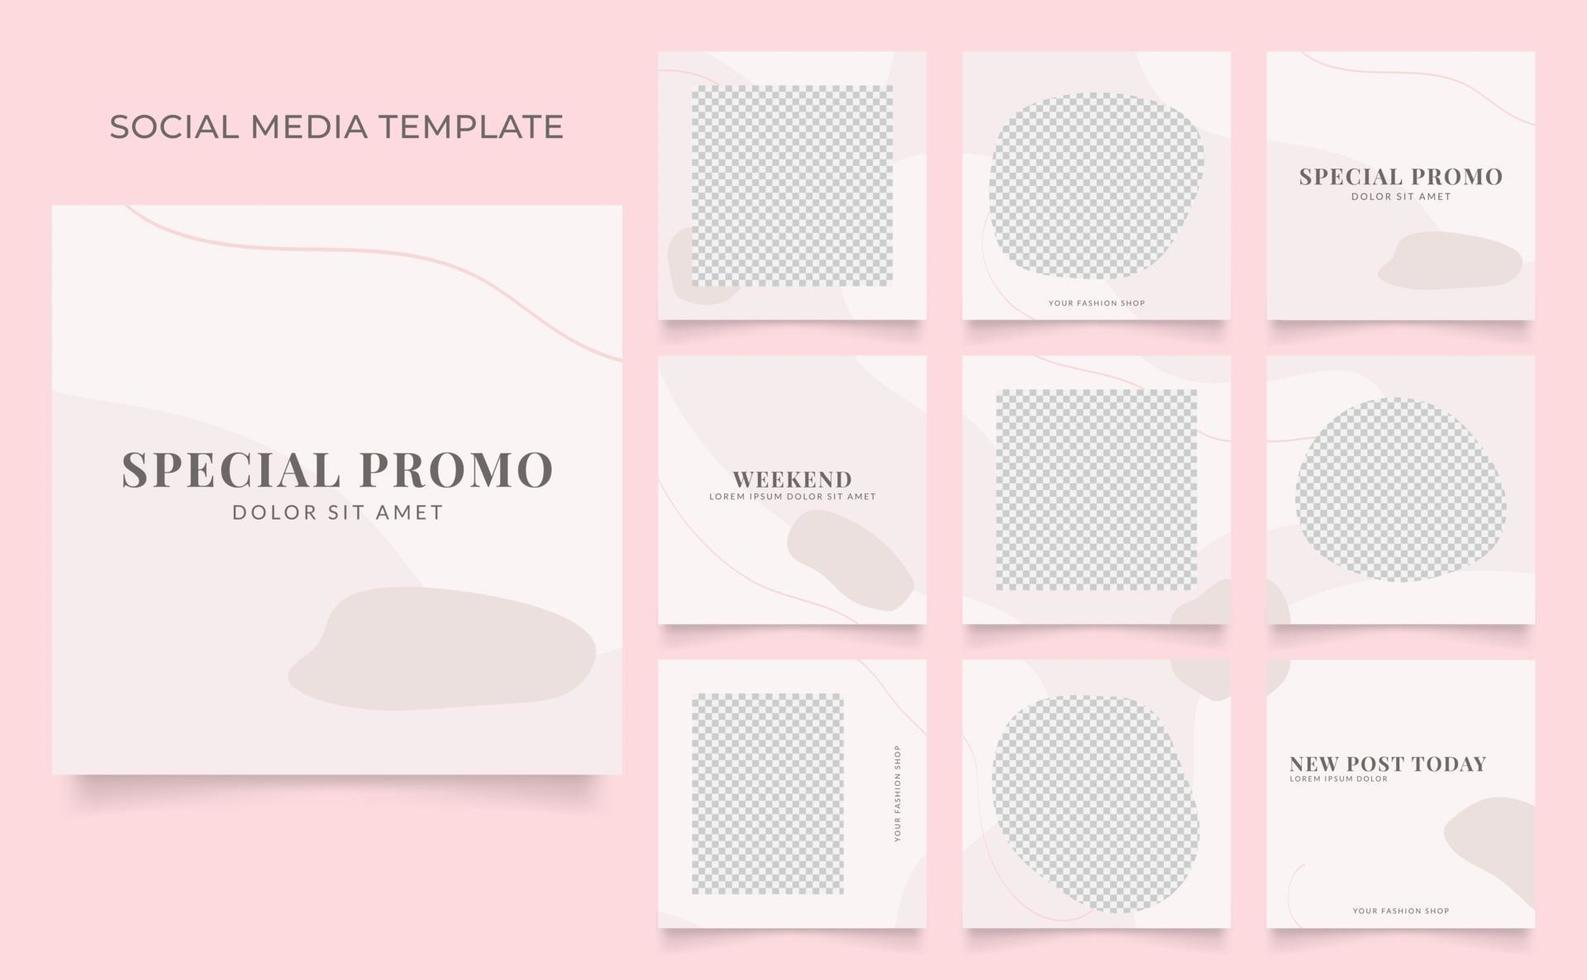 sociale media sjabloon banner blog mode verkoop promotie. volledig bewerkbare vierkante postframe puzzel organische verkoop poster. roze rood witte vector achtergrond